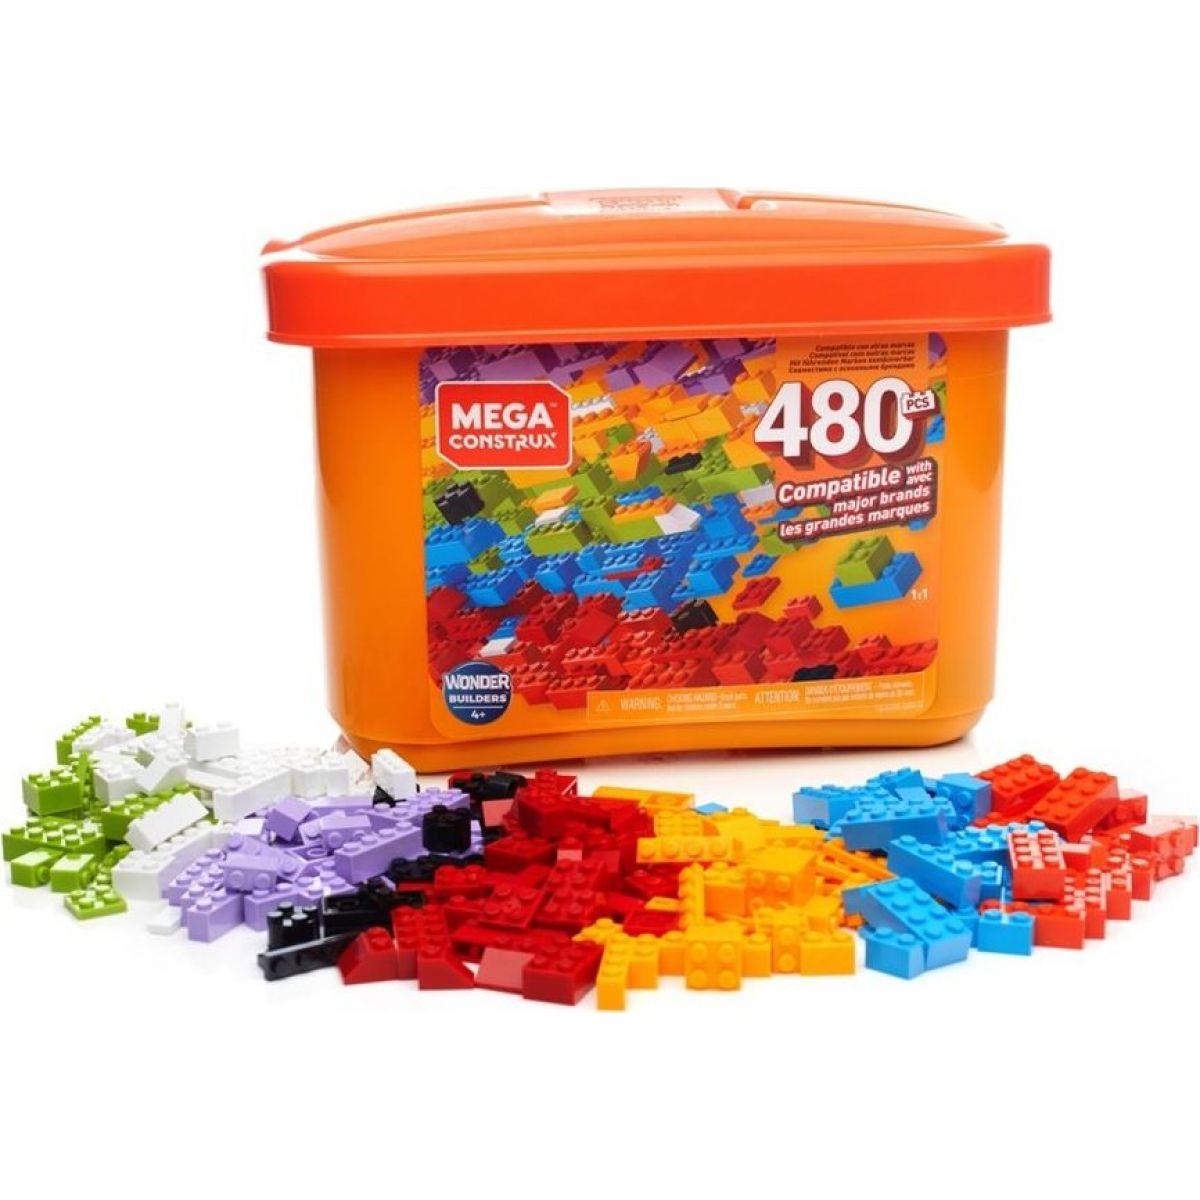 Mega Construx Základný box 480 kociek